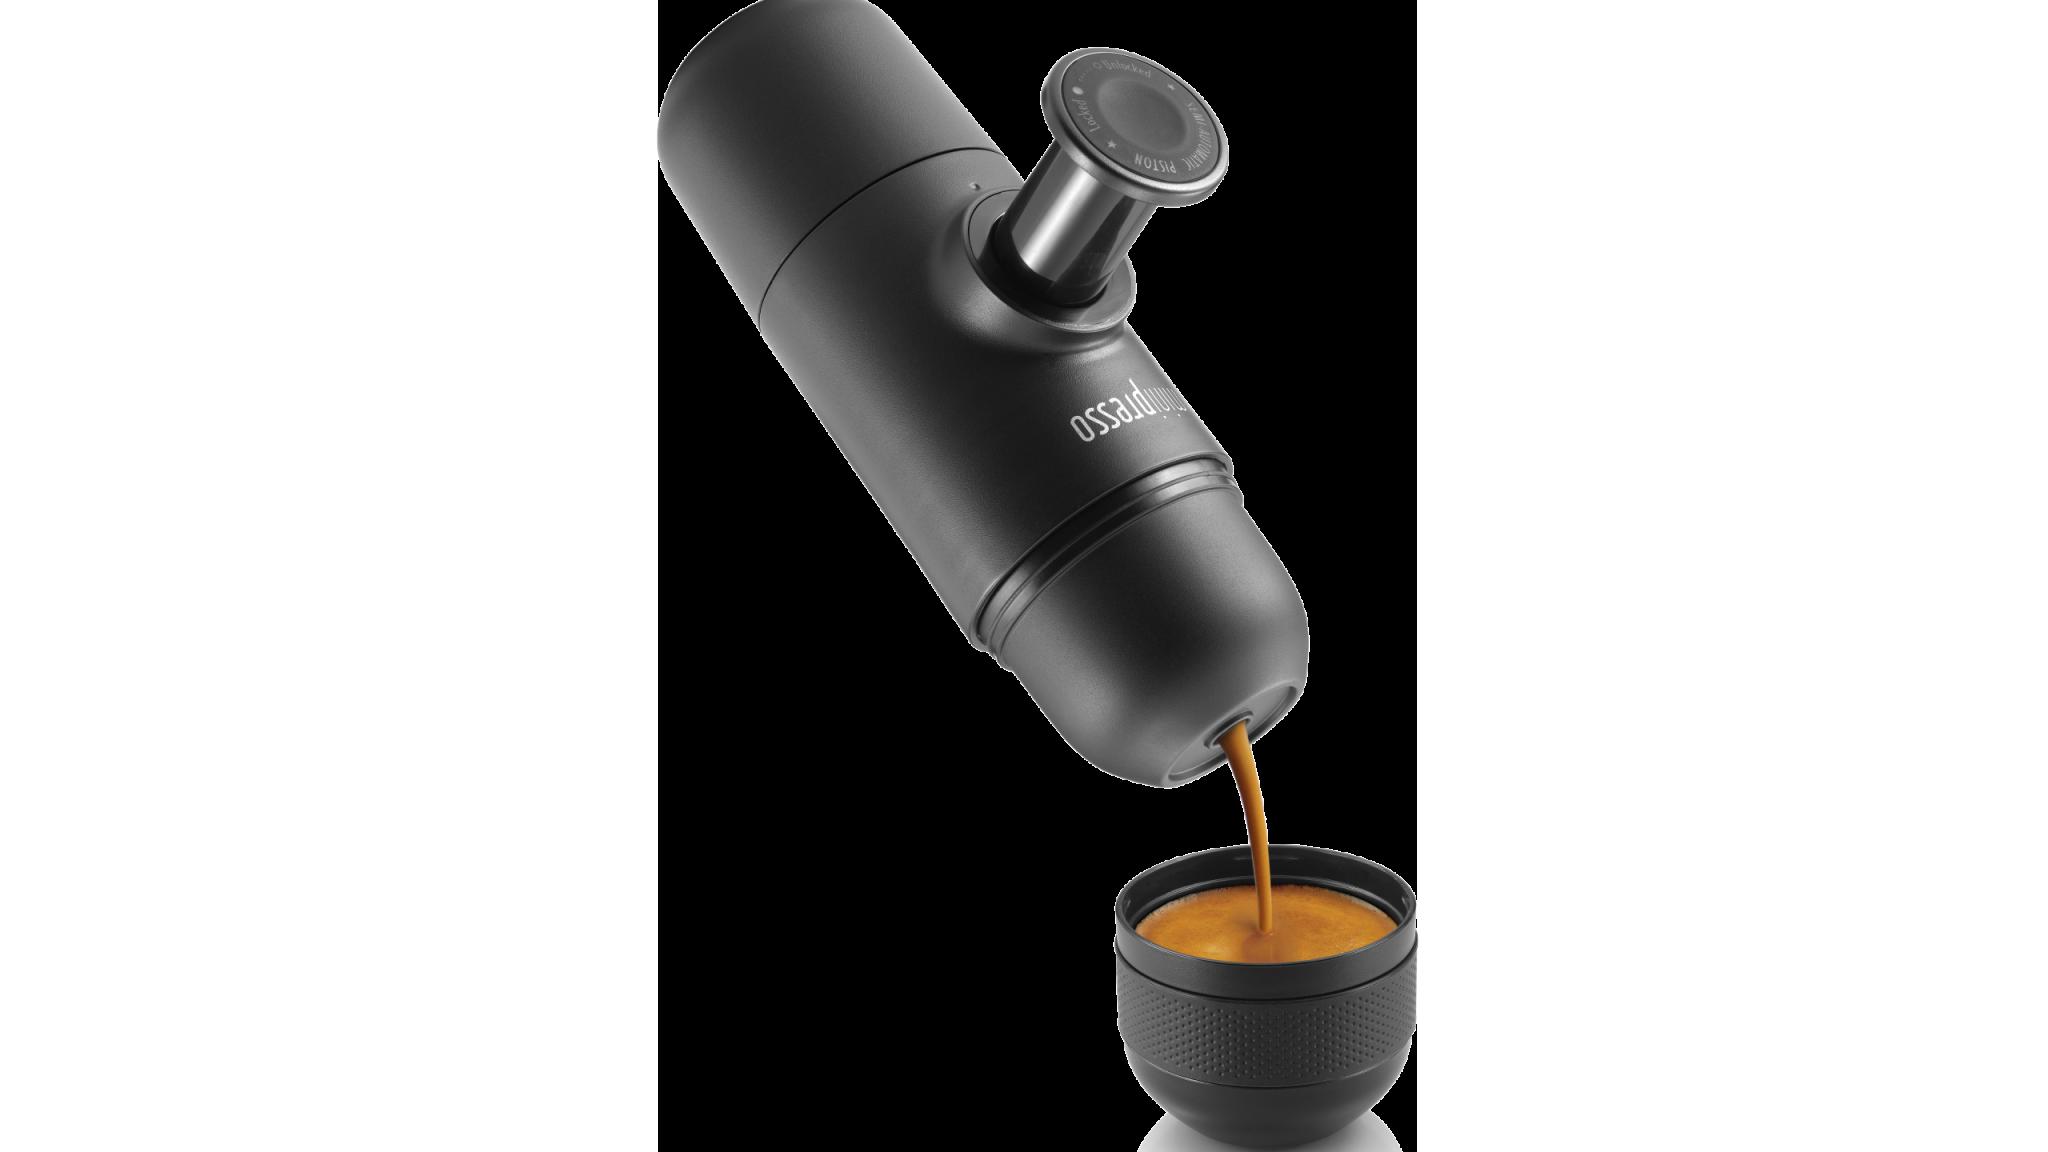 4 - بهترین دستگاه های اسپرسو ساز (قهوه ساز) برای خرید کدام اند؟